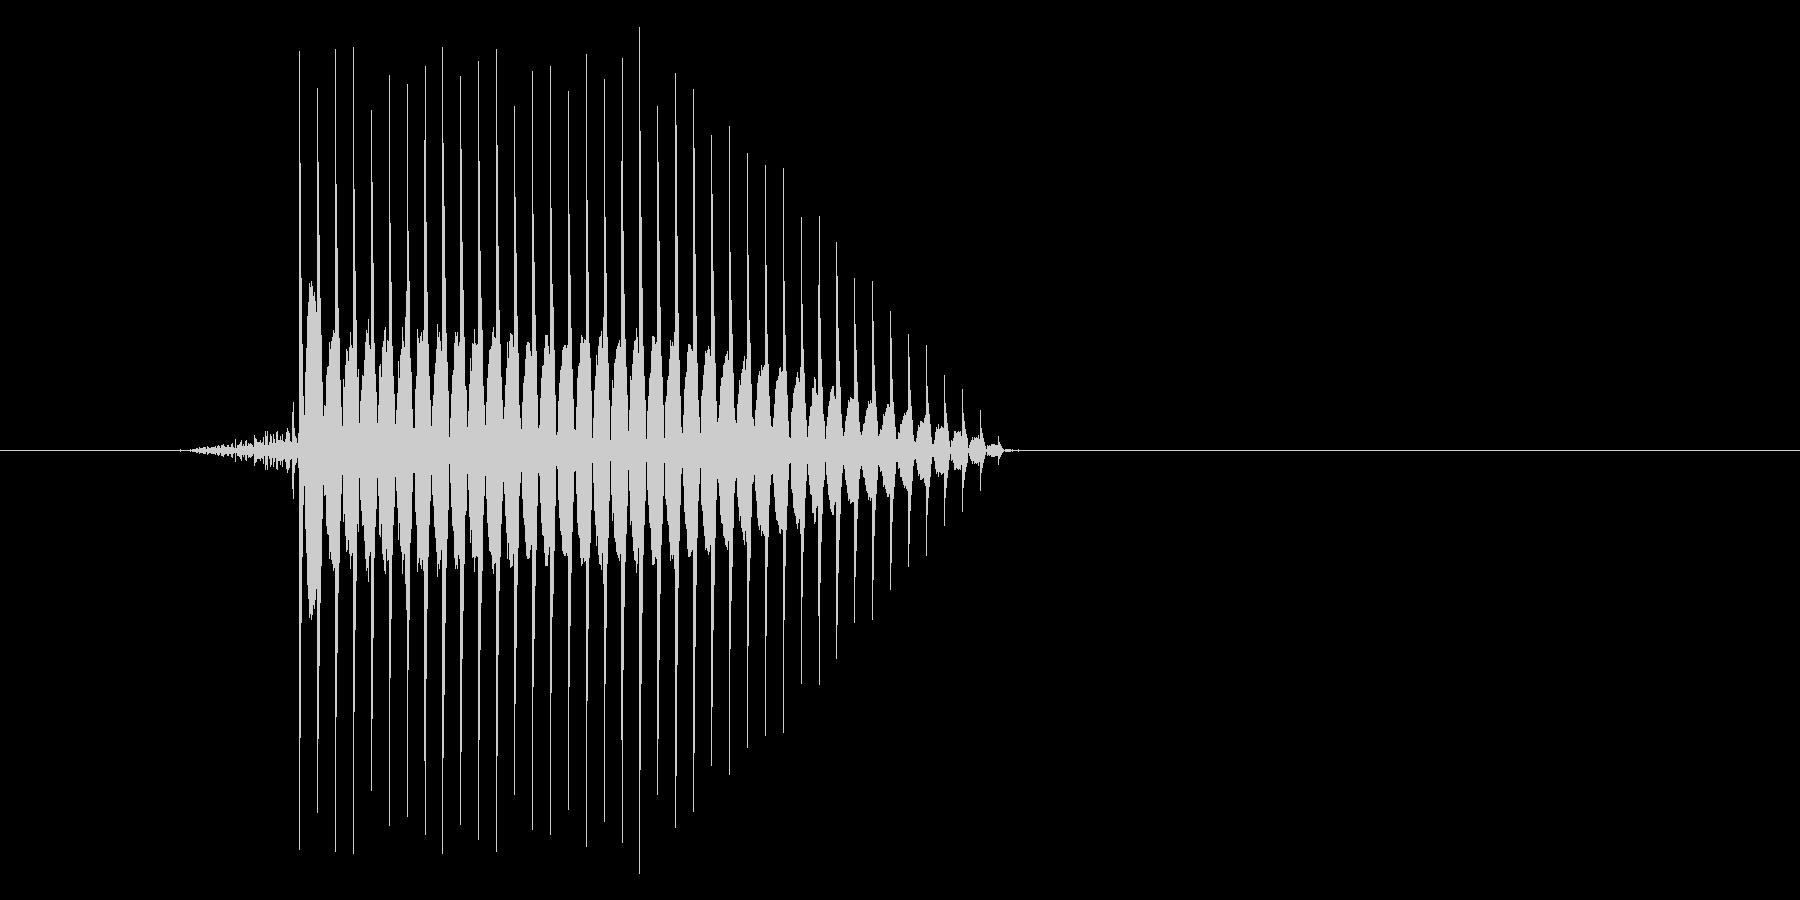 ゲーム(ファミコン風)セレクト音_046の未再生の波形